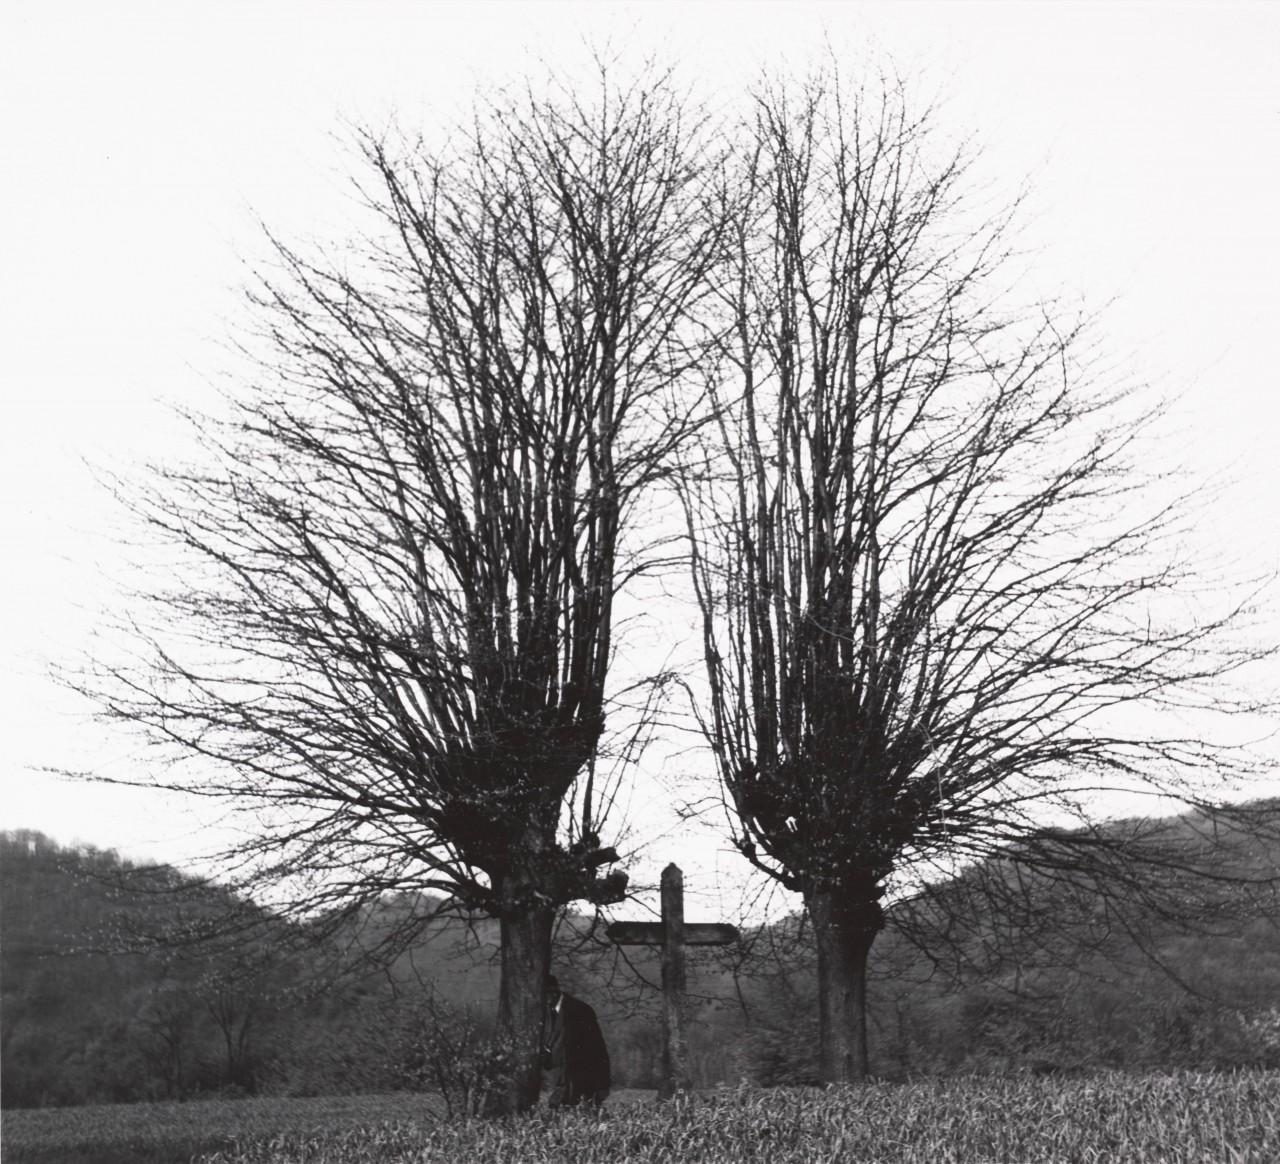 Кладбище во Франции, 1961. Фотограф Имоджен Каннингем